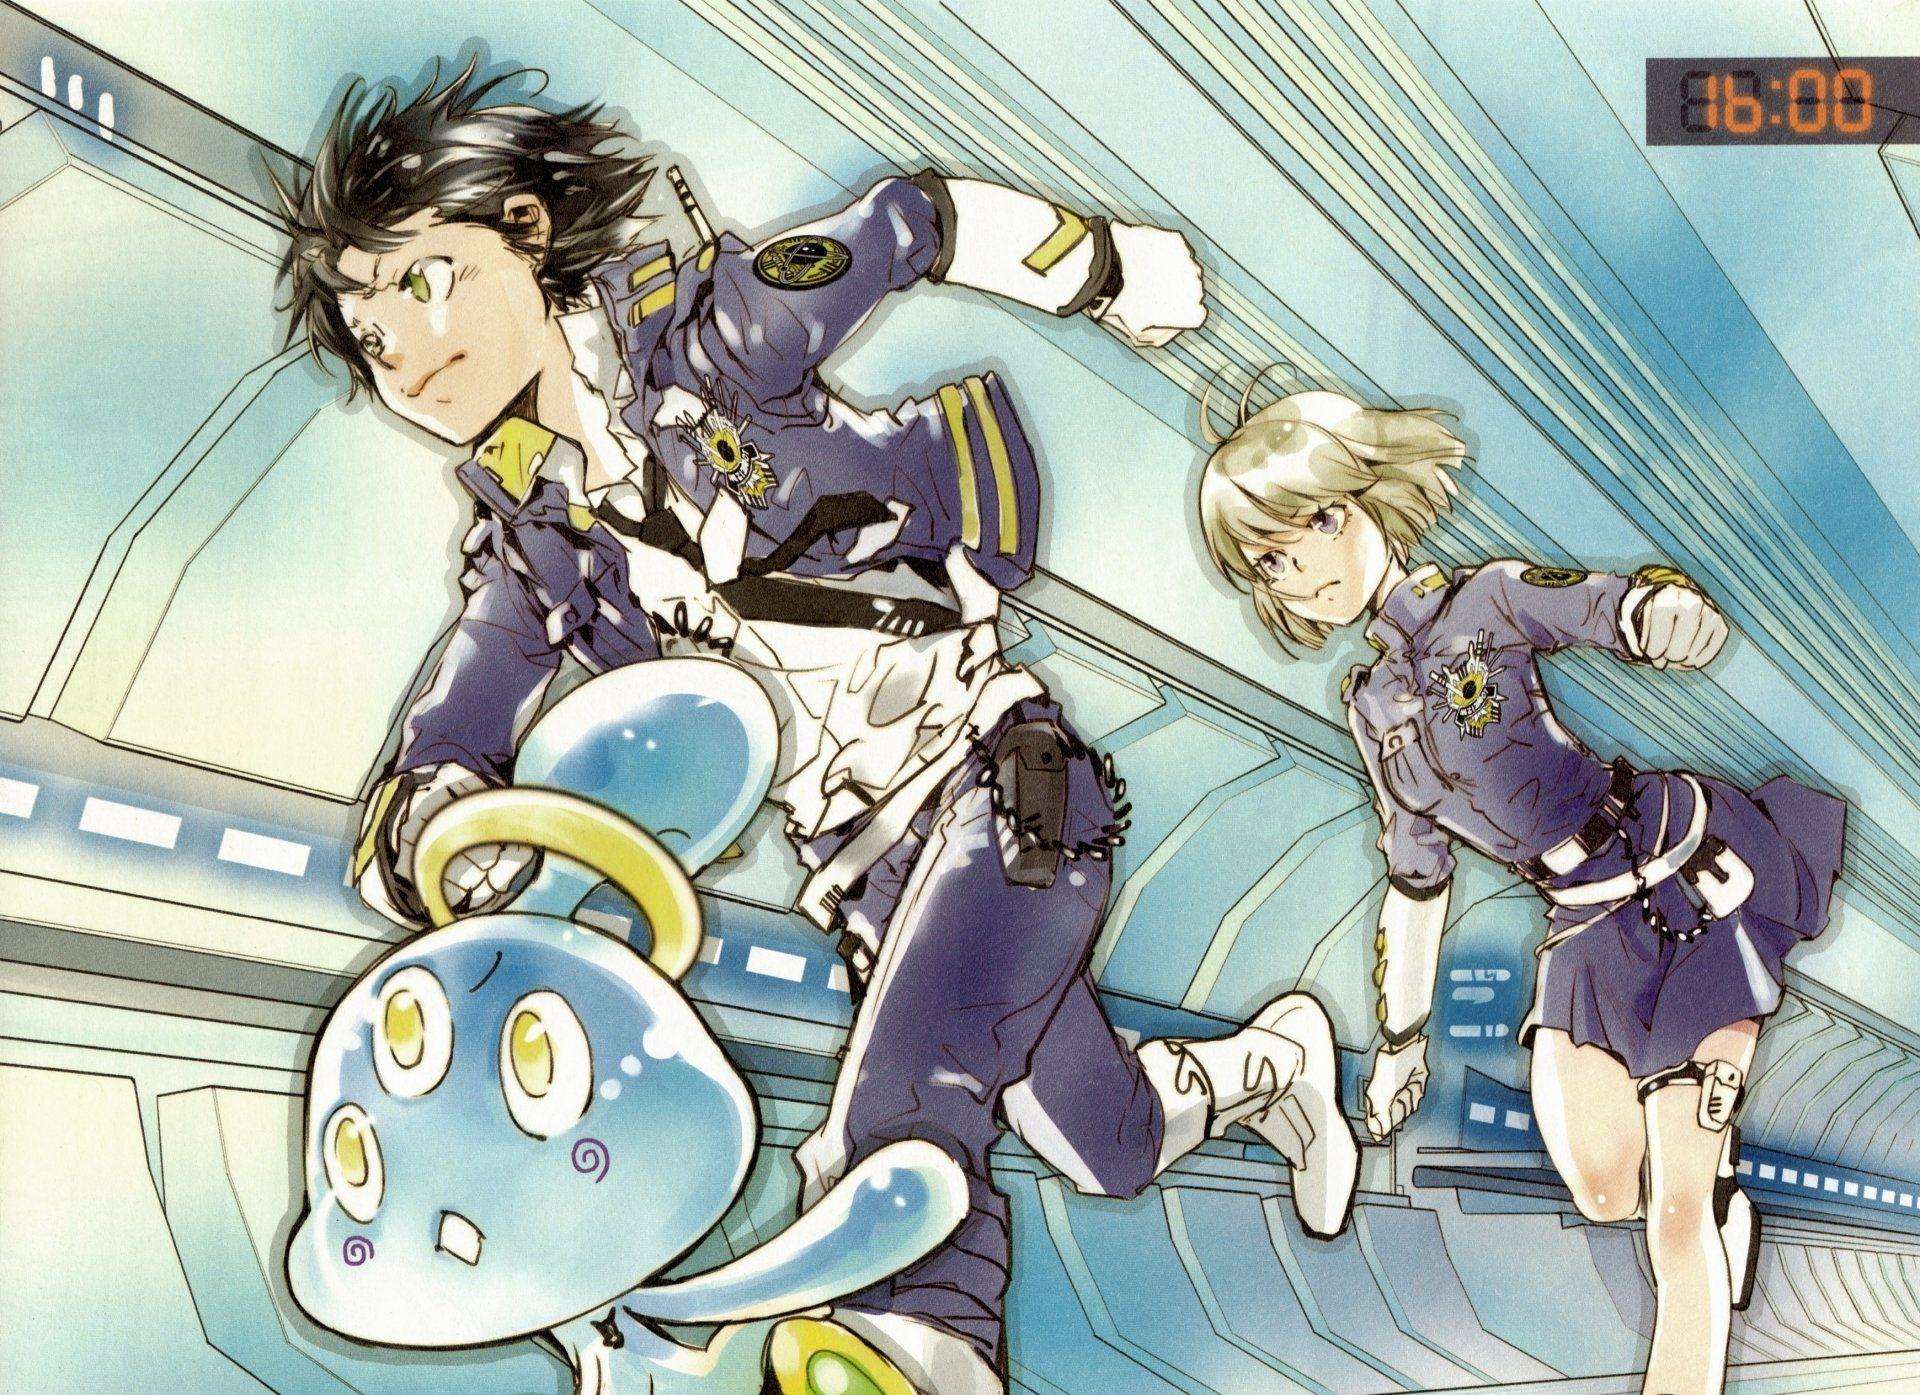 Anime Eldlive Chips Eldlive Misuzu Sonokata Chuta Kokonose